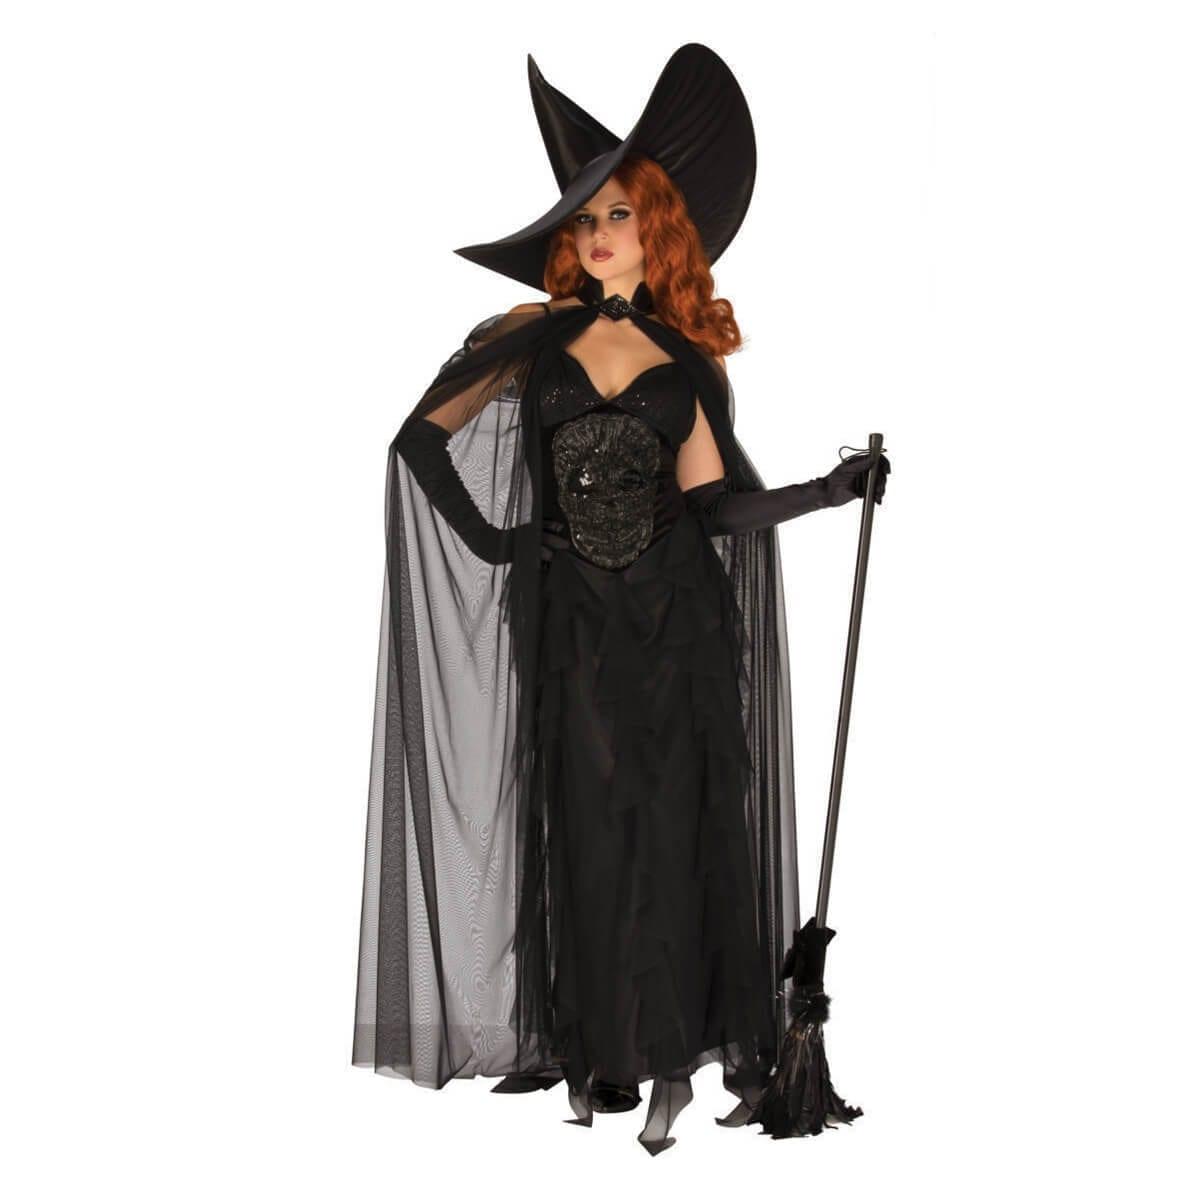 תחפושת מכשפה אלגנטית לנשים – פורים רוביס